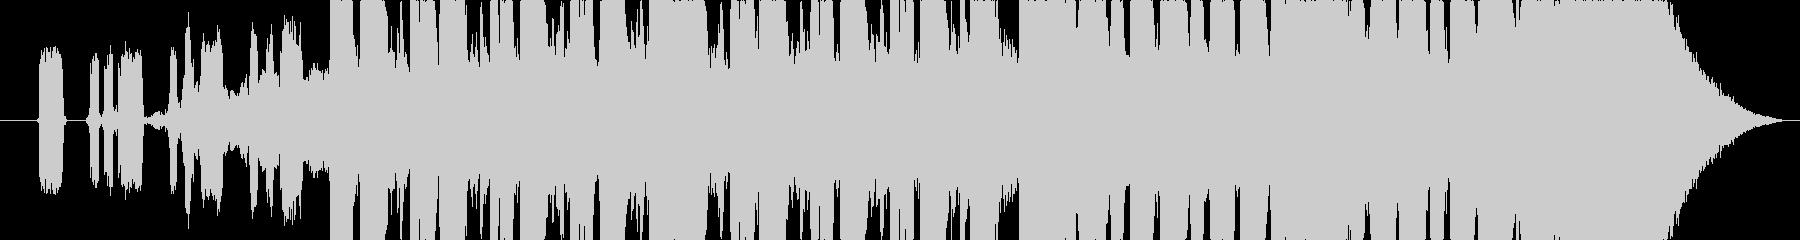 ダイナミックで開放的なギターEDMの未再生の波形